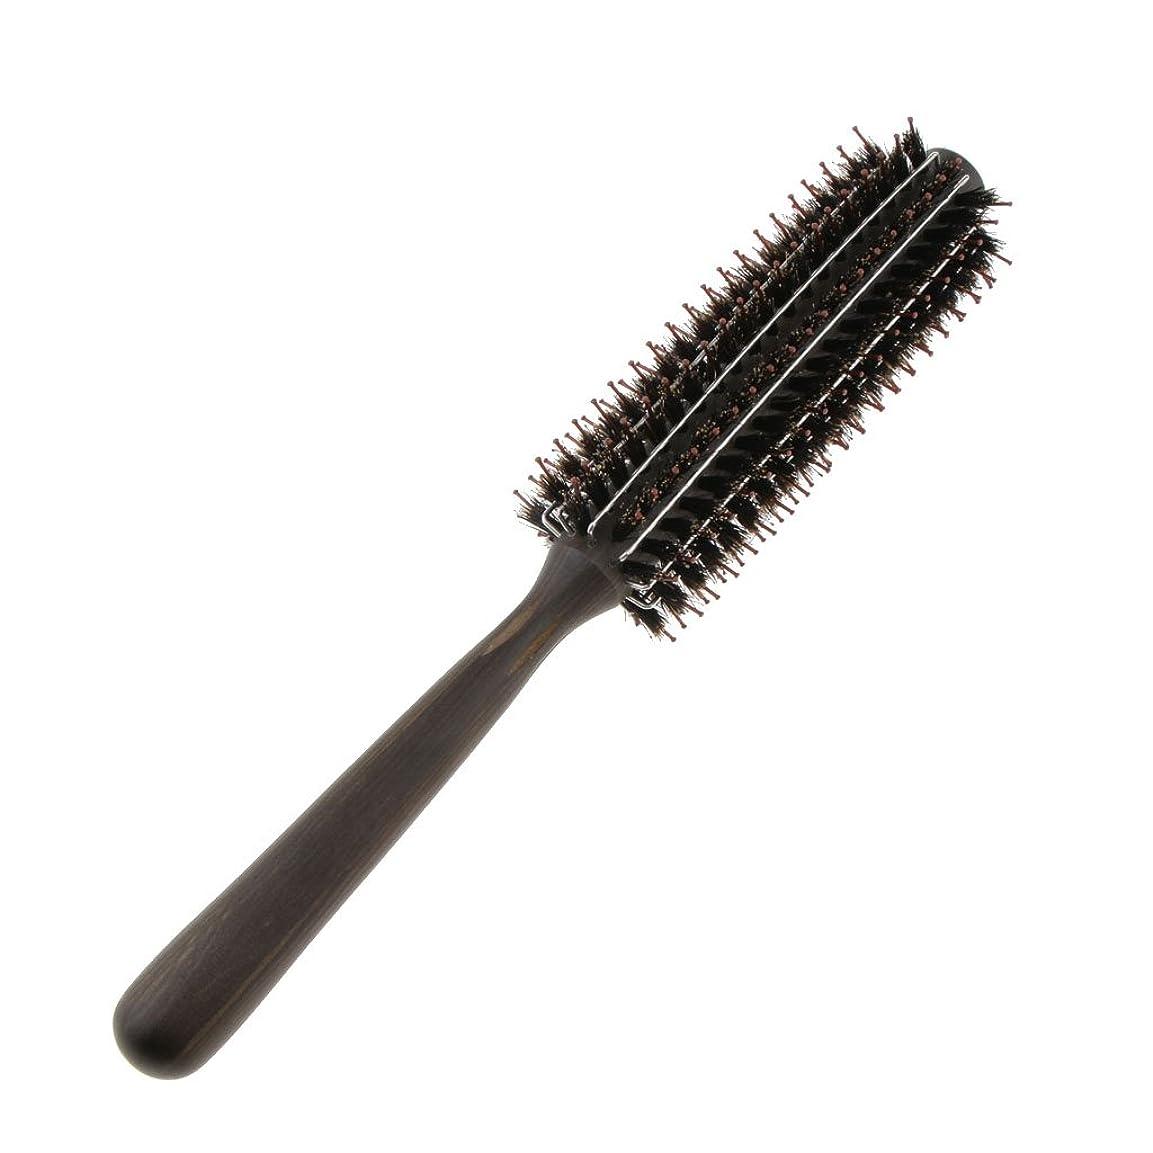 で出来ている有料返済Fenteer ロールブラシ カール 巻き髪 ヘア ブラシ ロール ヘアコーム 木製ハンドル 3サイズ選べる  - M